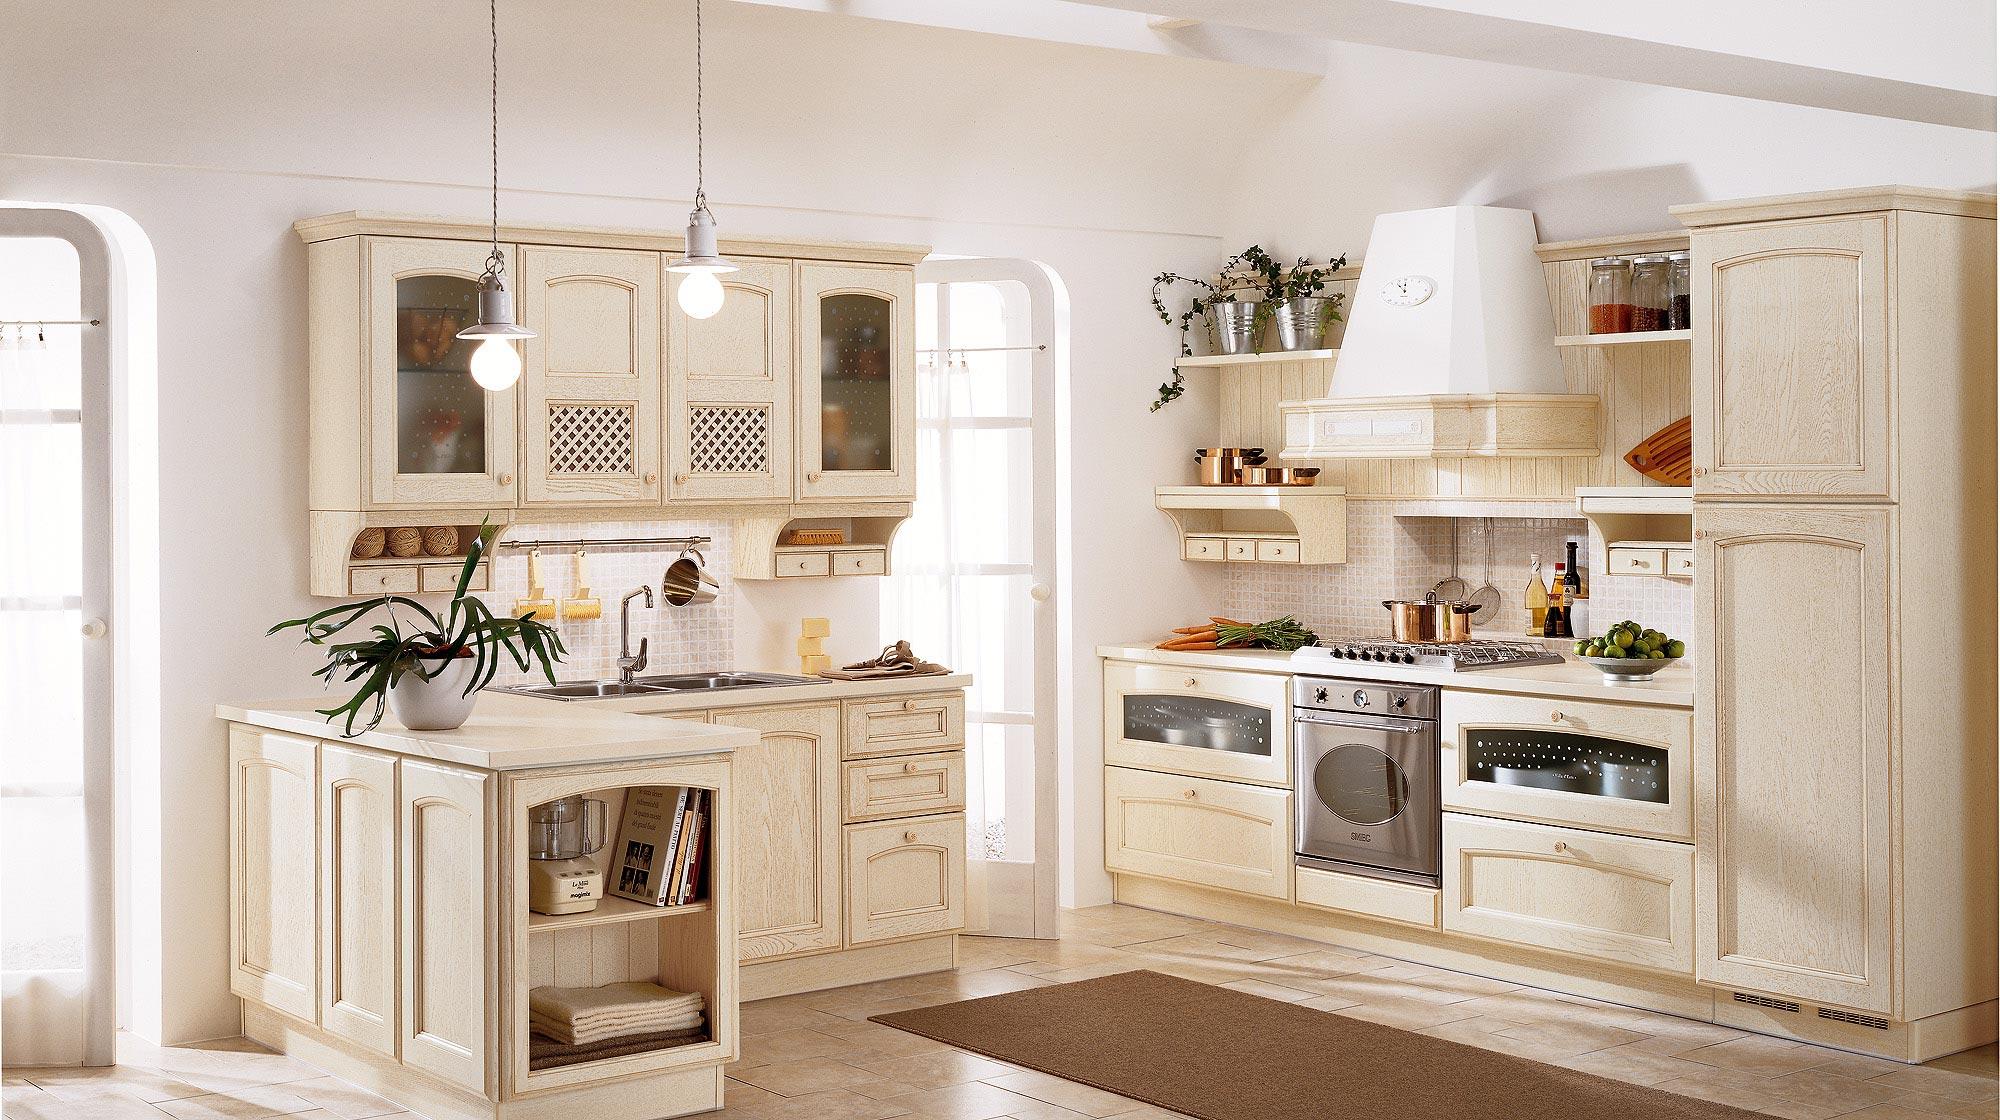 Veneta cucine poggiomarino franzese arredamenti for Ardisa arredamenti somma vesuviana